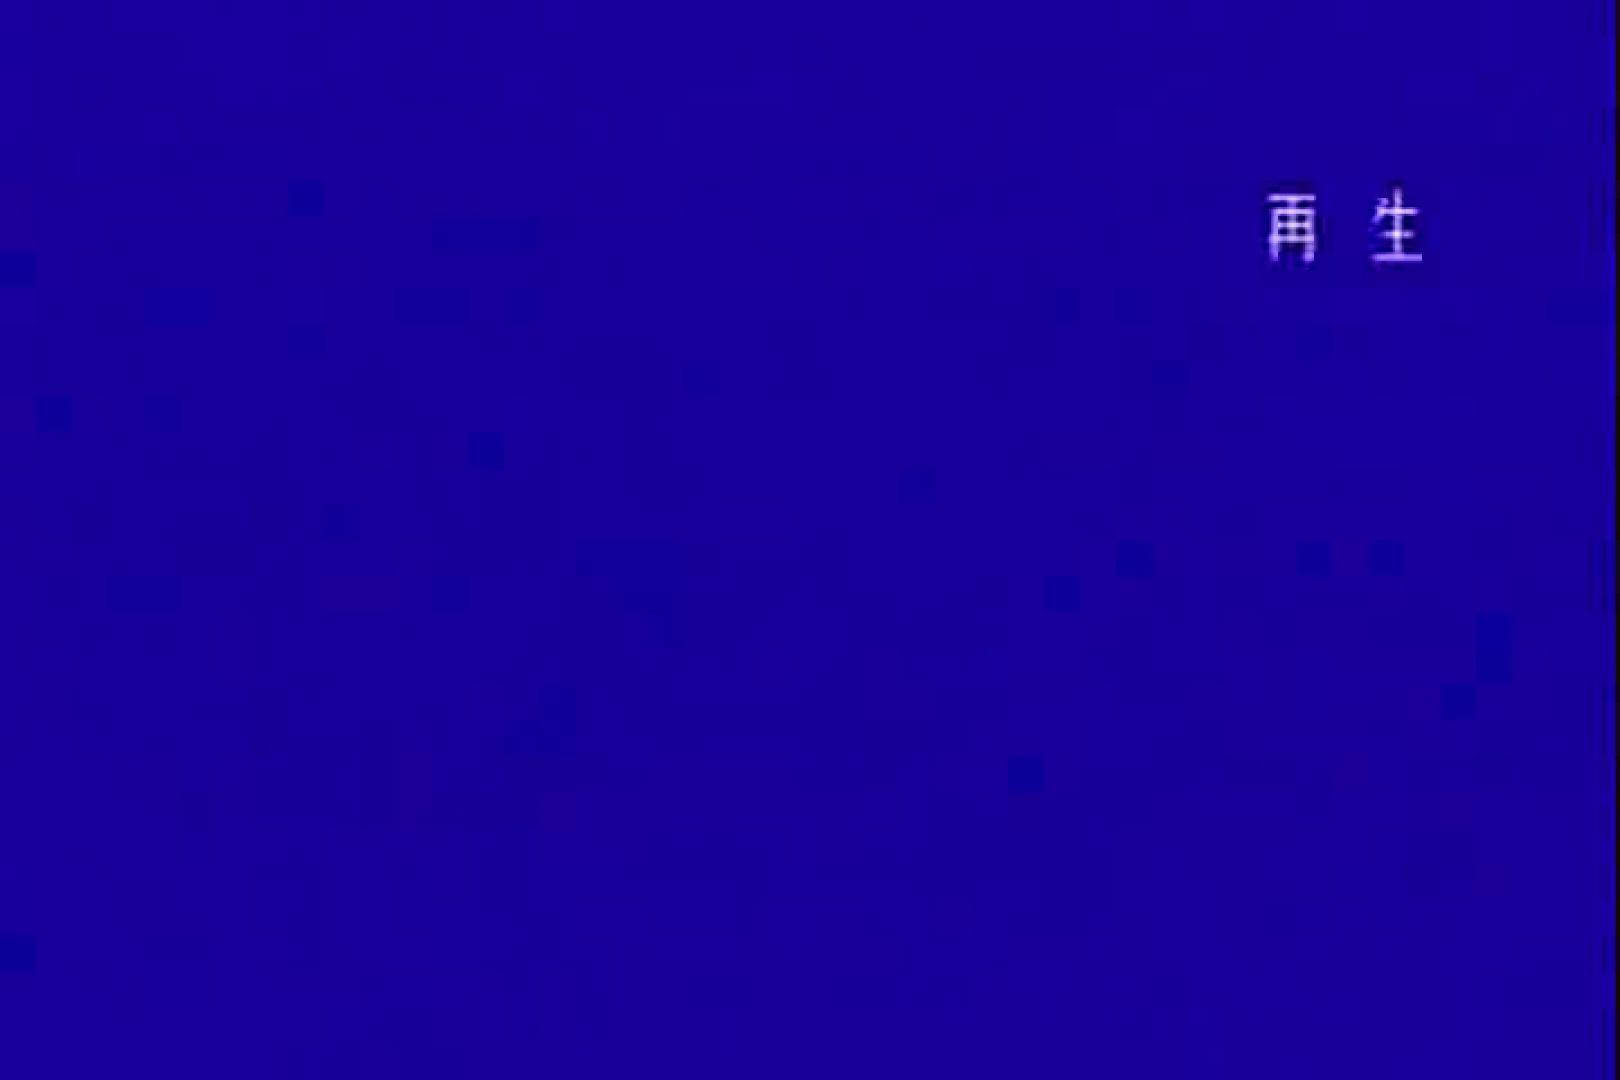 「ちくりん」さんのオリジナル未編集パンチラVol.4_02 エロティックなOL 濡れ場動画紹介 107画像 2